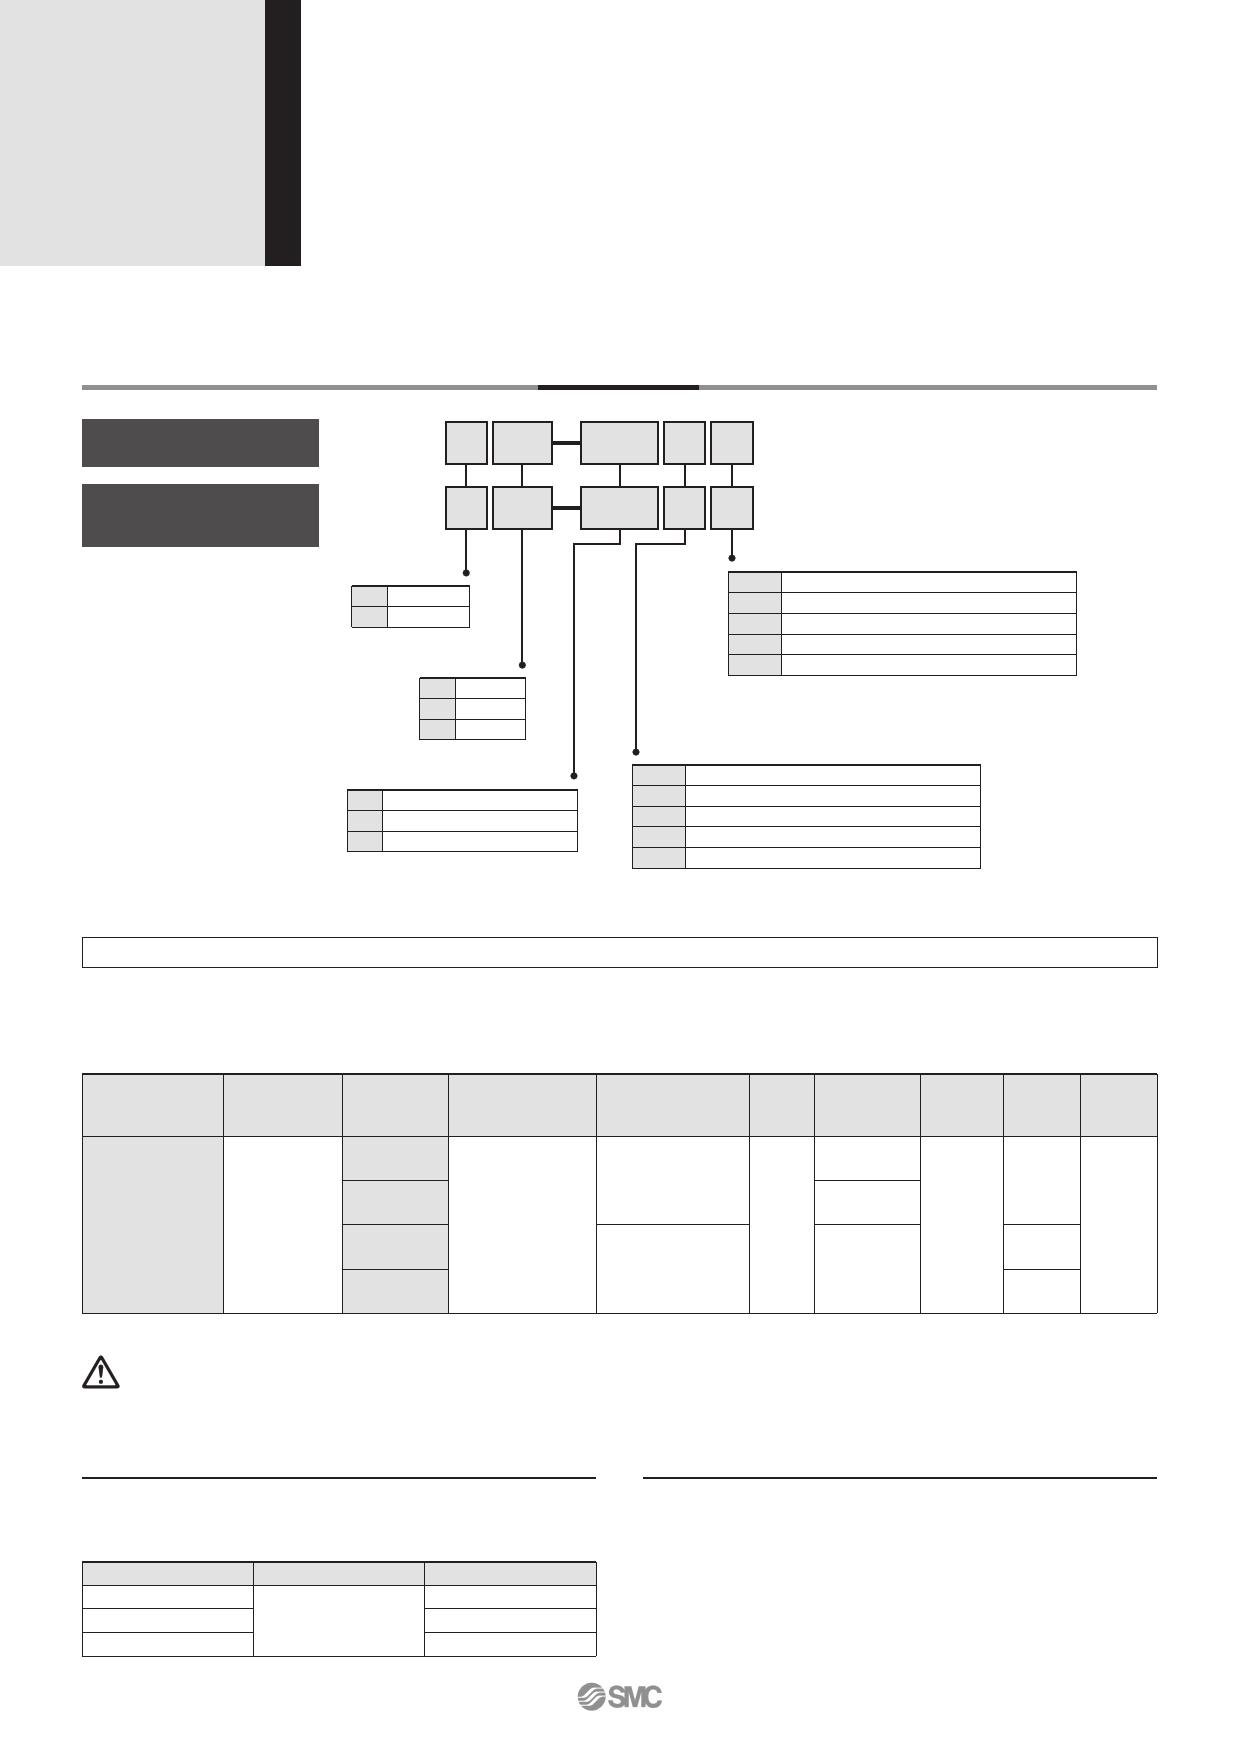 D-P74x Даташит, Описание, Даташиты